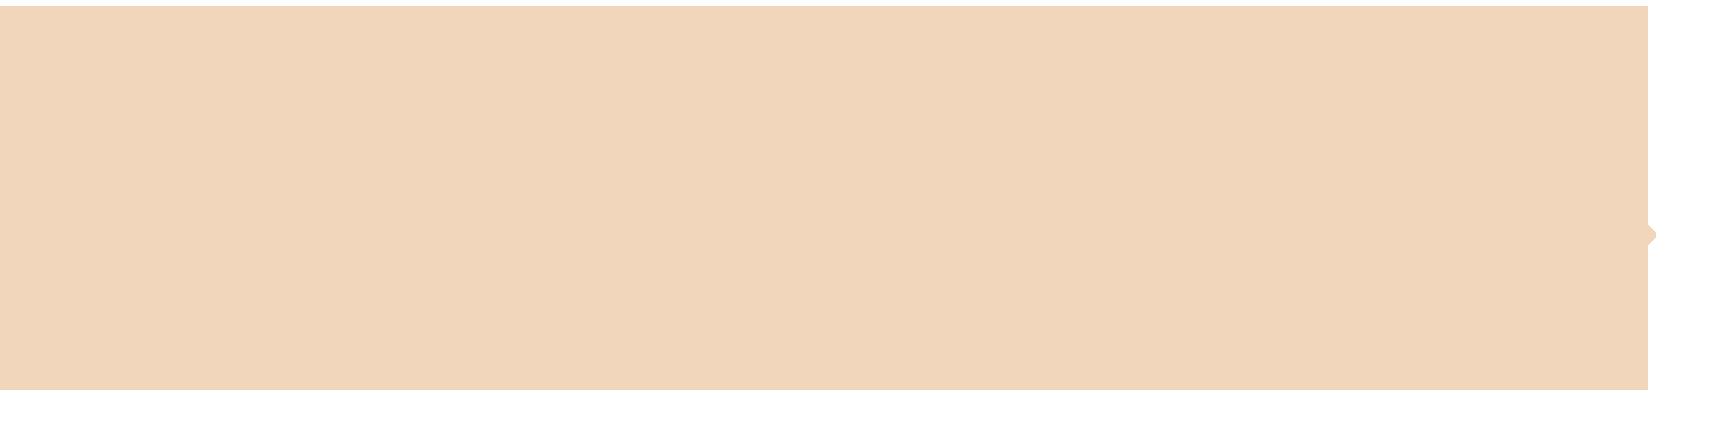 Shurooq Media